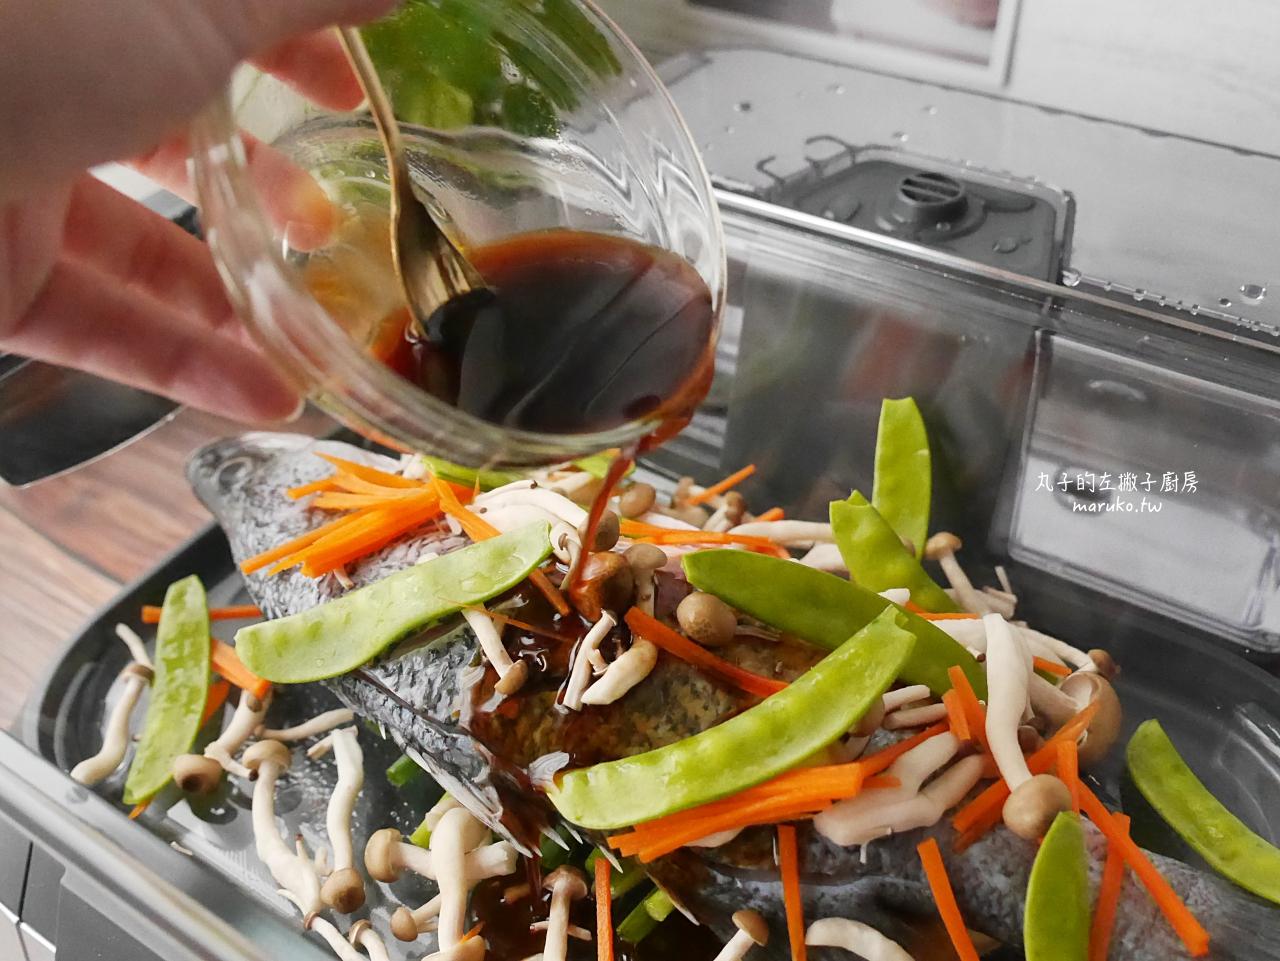 【食譜】蝦仁燒賣 用蒸的鎖住鮮味更美味 容量再升級 6公升 美膳雅蒸鮮鍋推薦 @Maruko與美食有個約會